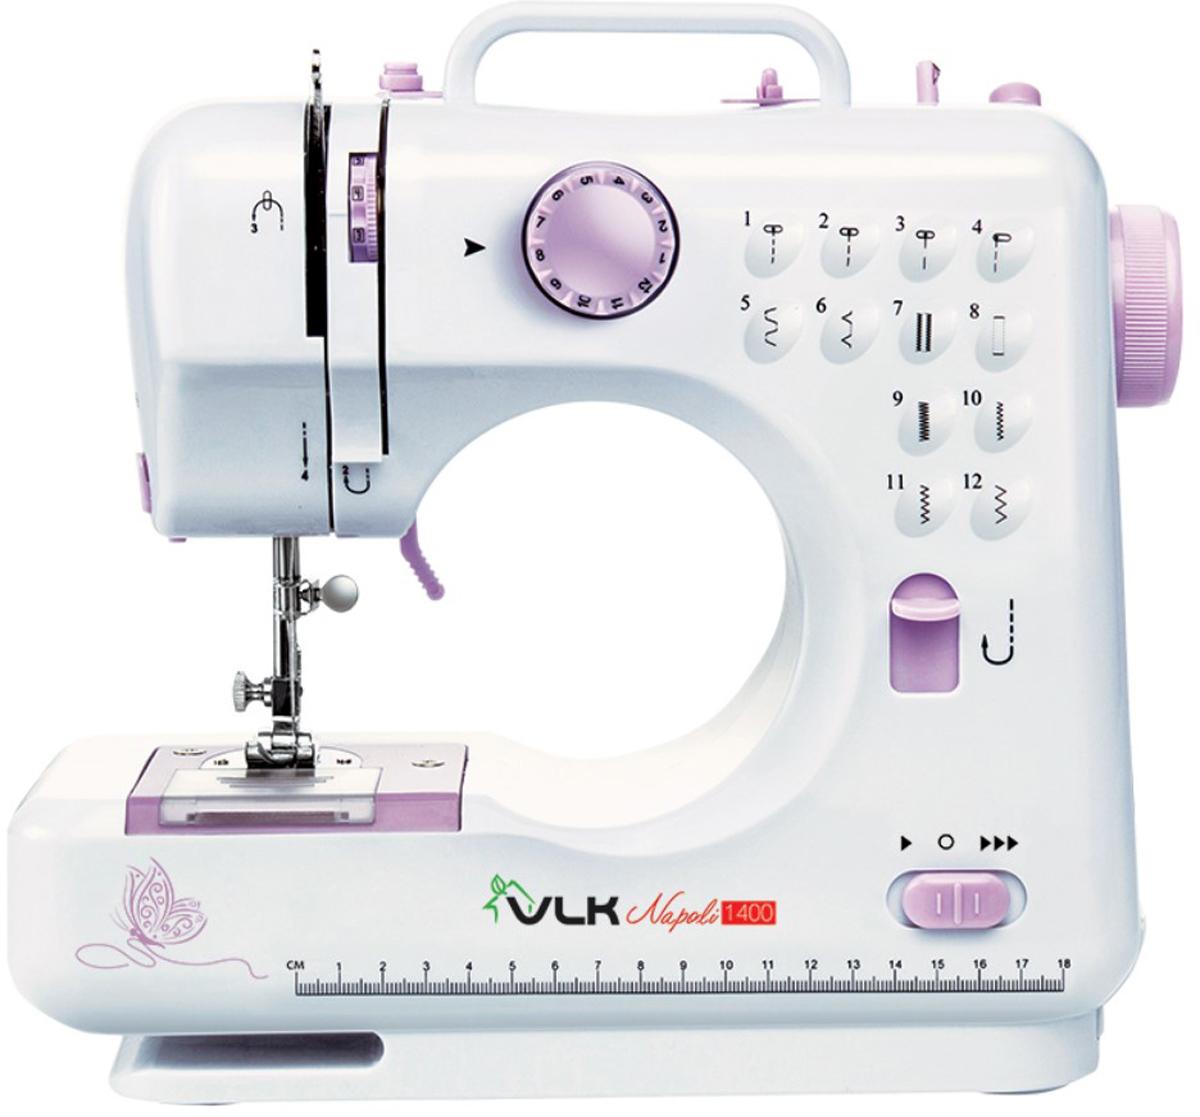 VLK Napoli 1400 швейная машина швейная машина vlk napoli 2200 белый